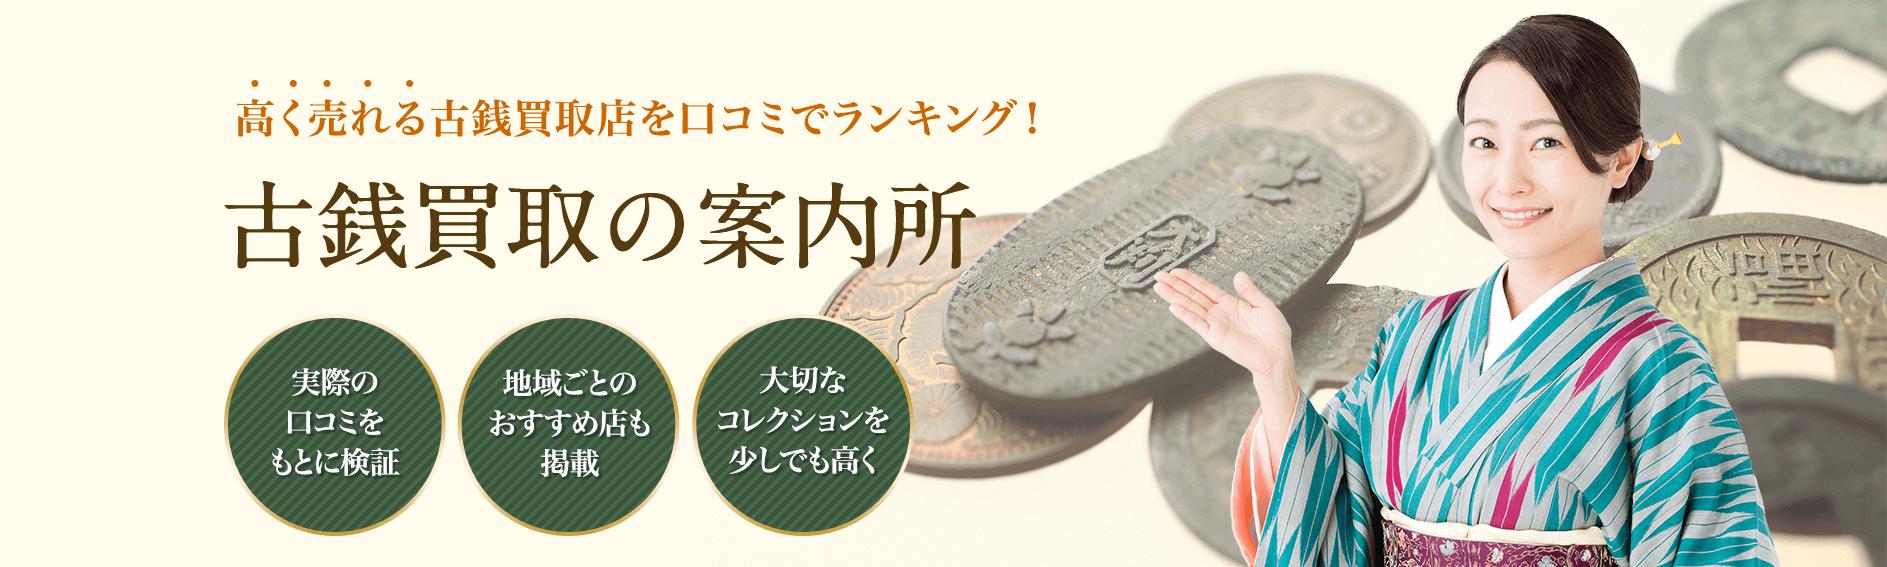 古銭買取の案内所メイン画像